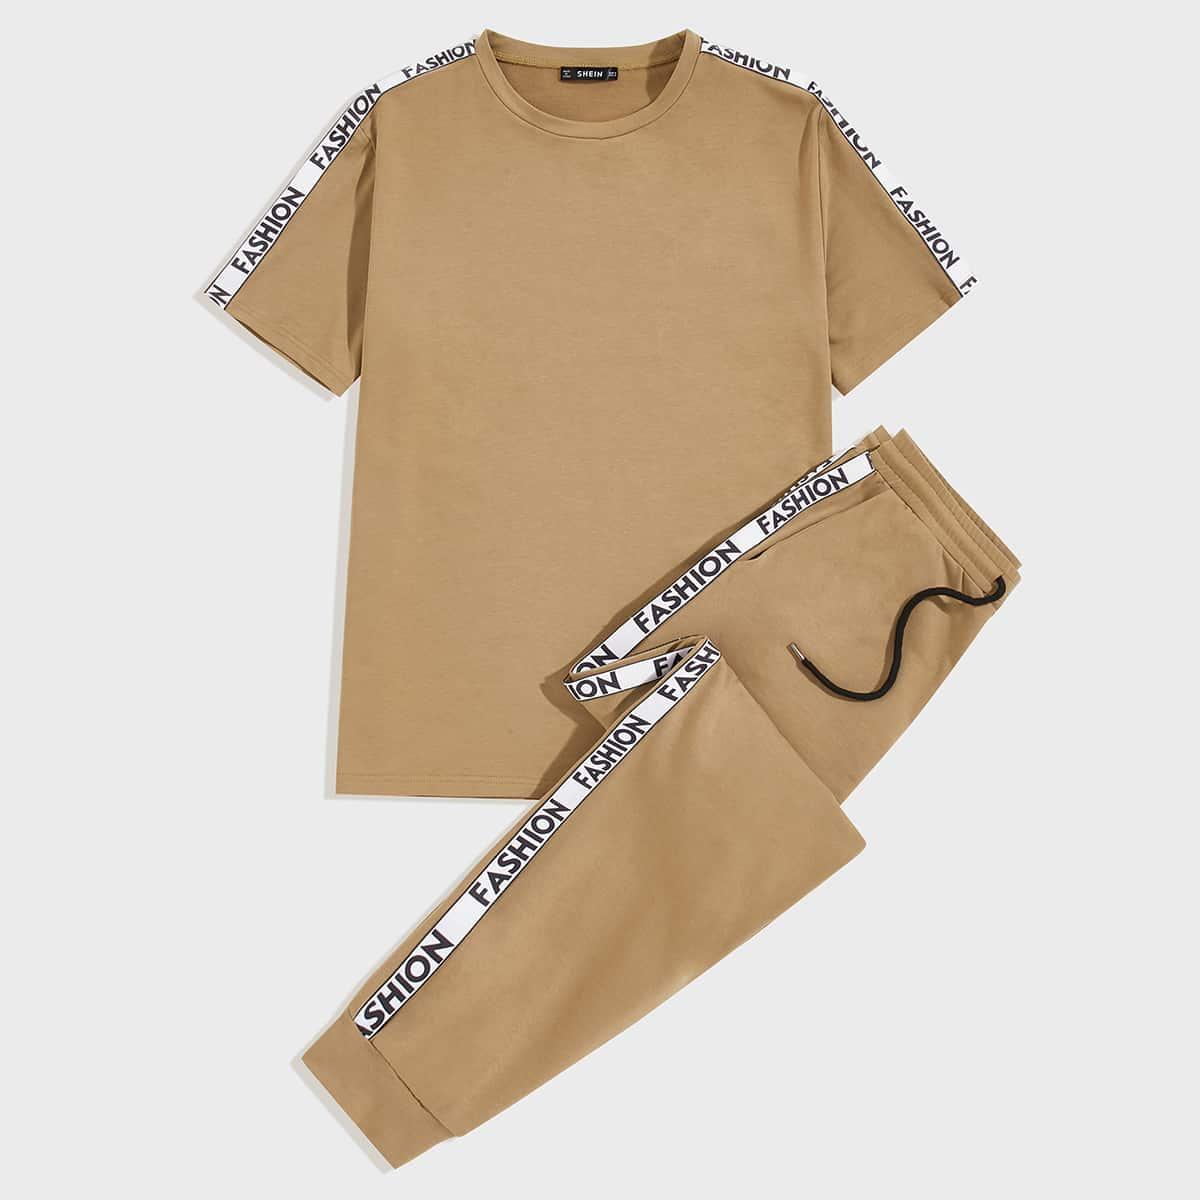 Мужская футболка с текстовой лентой и джоггеры на кулиске от SHEIN